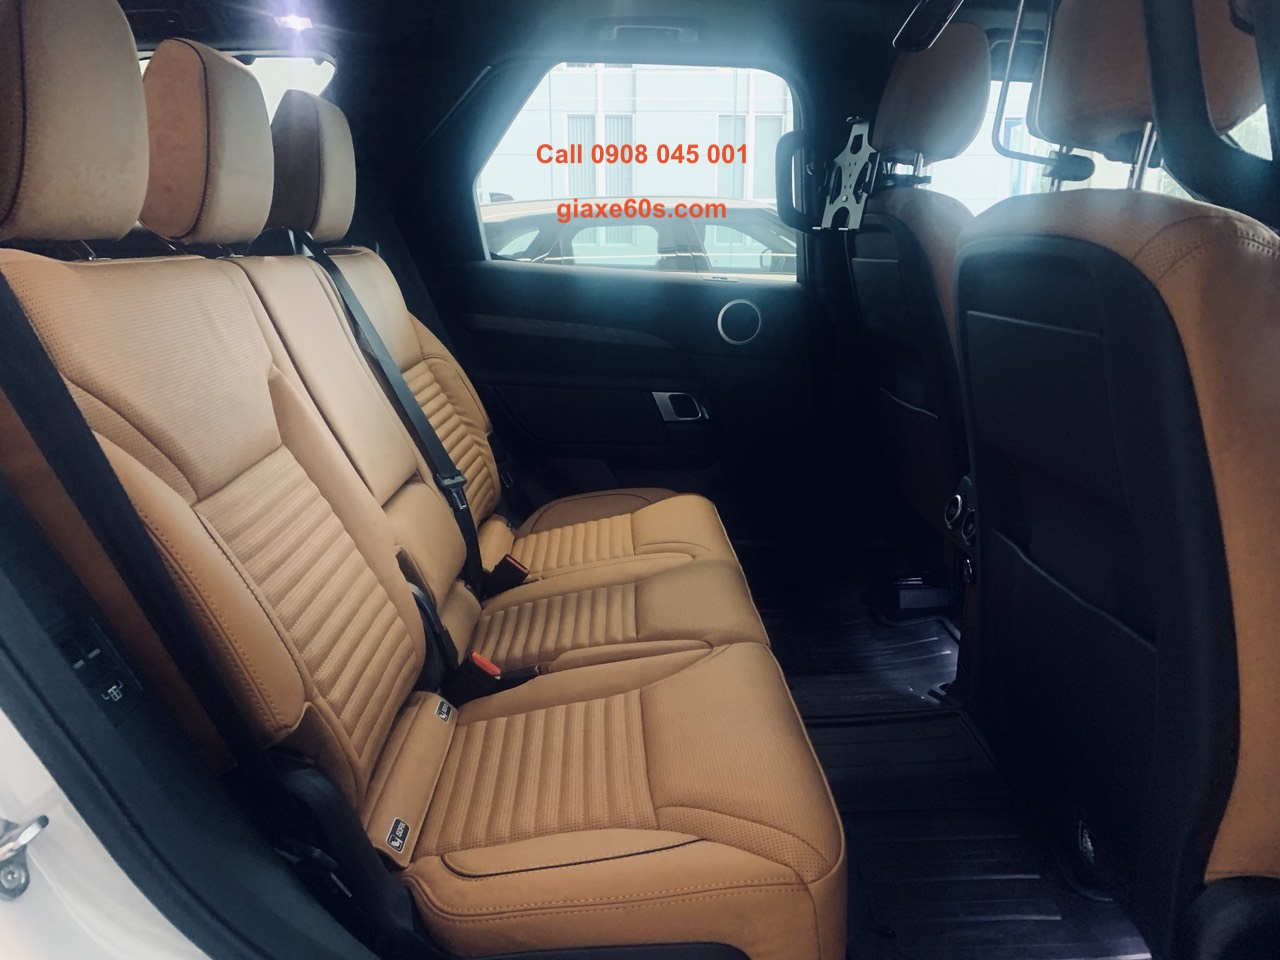 Discovery Màu Trắng, Nội thất da bò, Cạnh Tranh Với BMW X7, Discovery LR5 7 Chỗ Của LandRover Có Option Gì Nổi Bật, Mẫu SUV nhập khẩu nguyên chiếc nào tốt mức giá từ 5 đến 6 tỷ đồng tại Việt Nam Máy Xăng V6